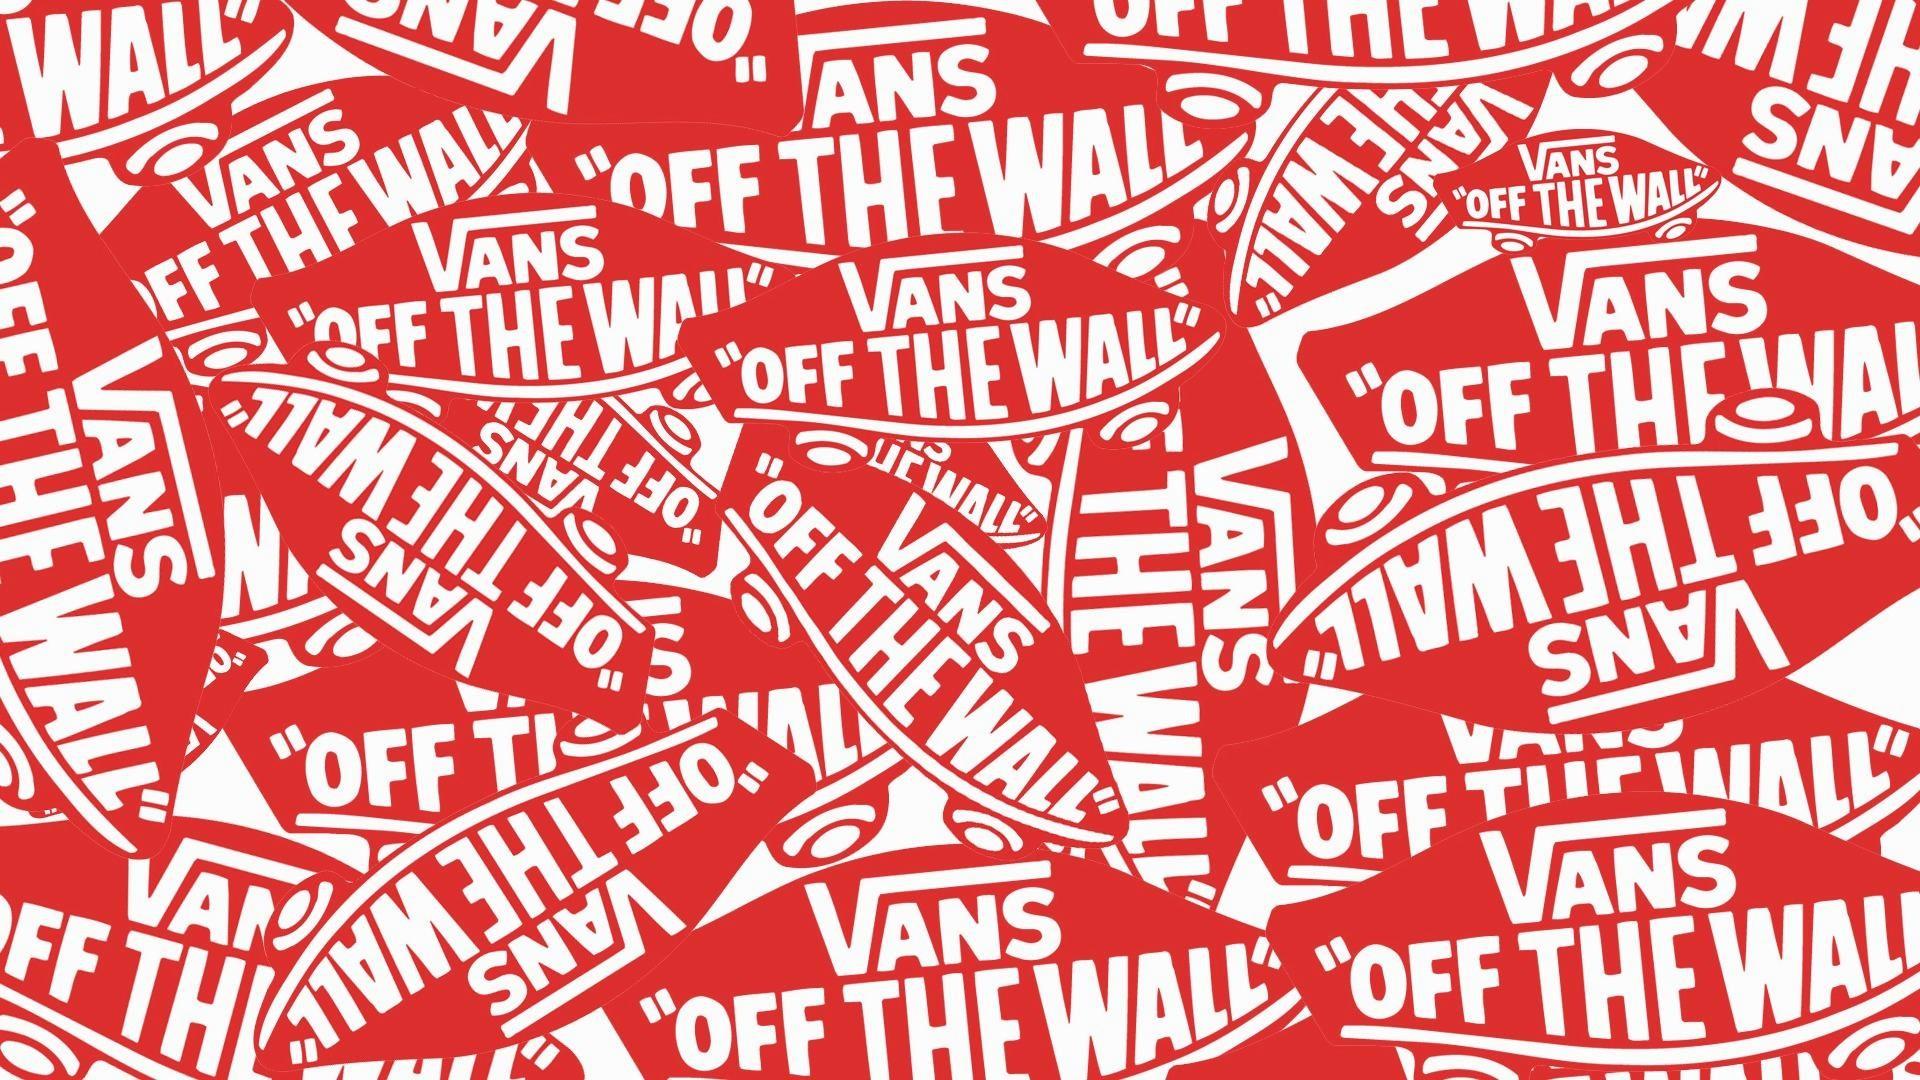 … vans wallpaper free download …